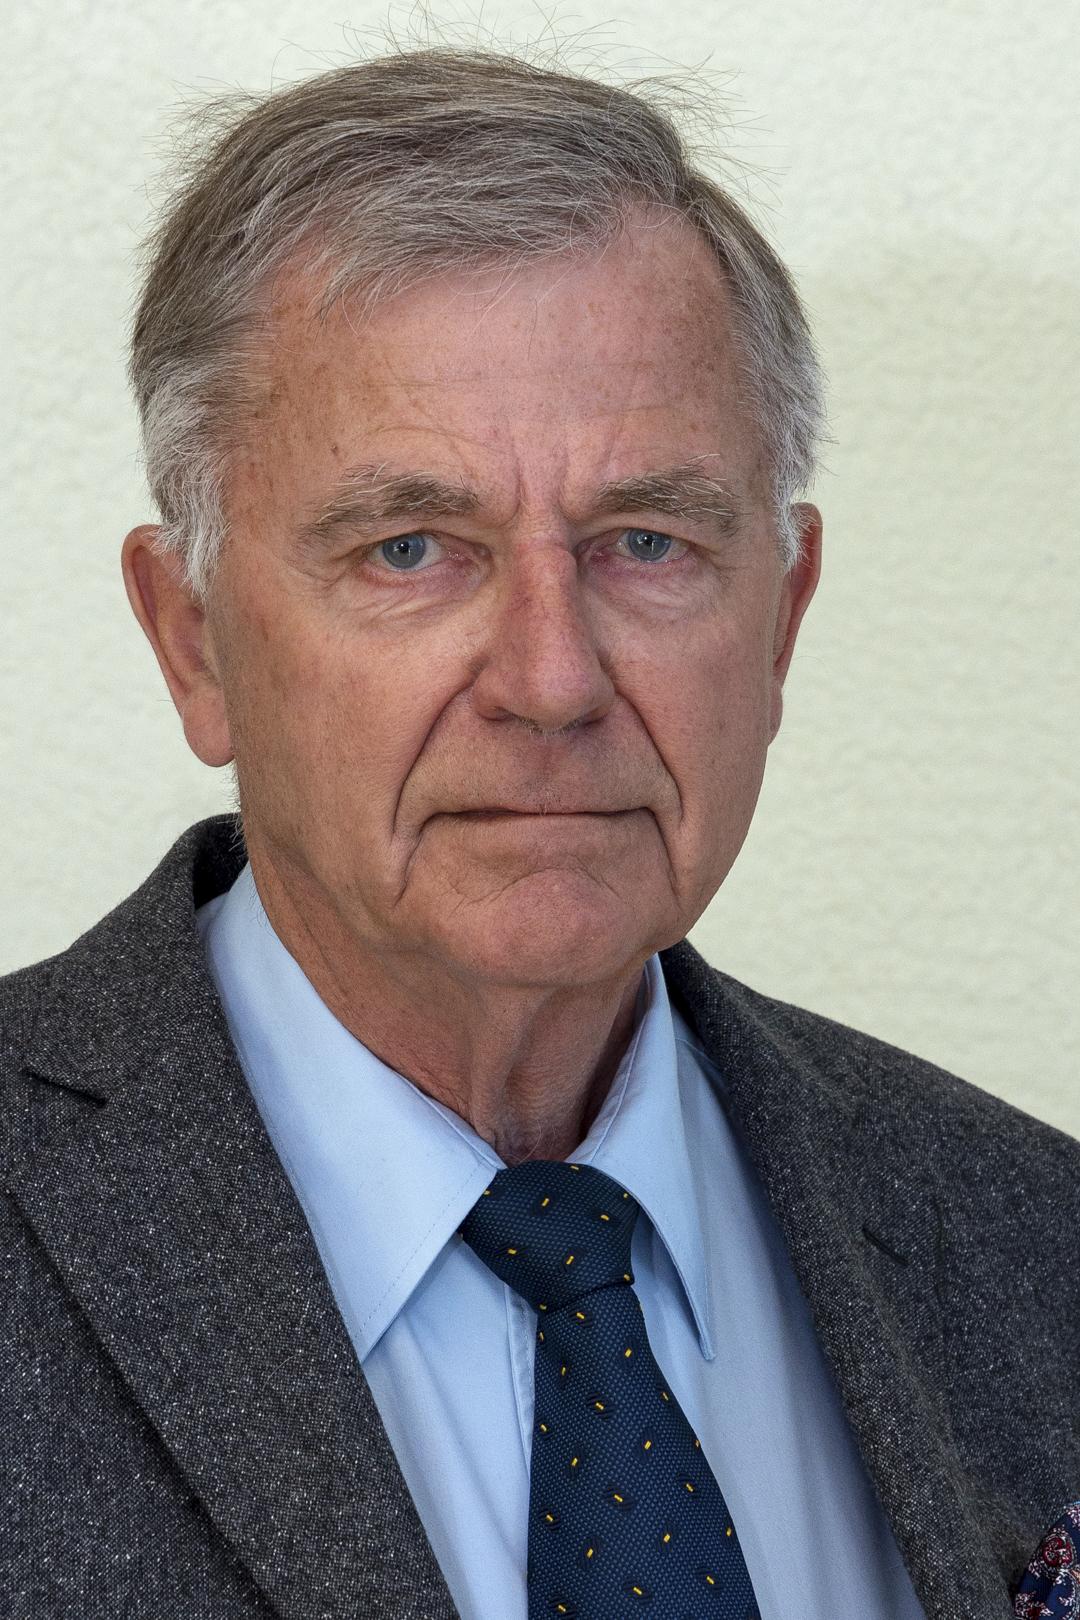 Ludwig Weller